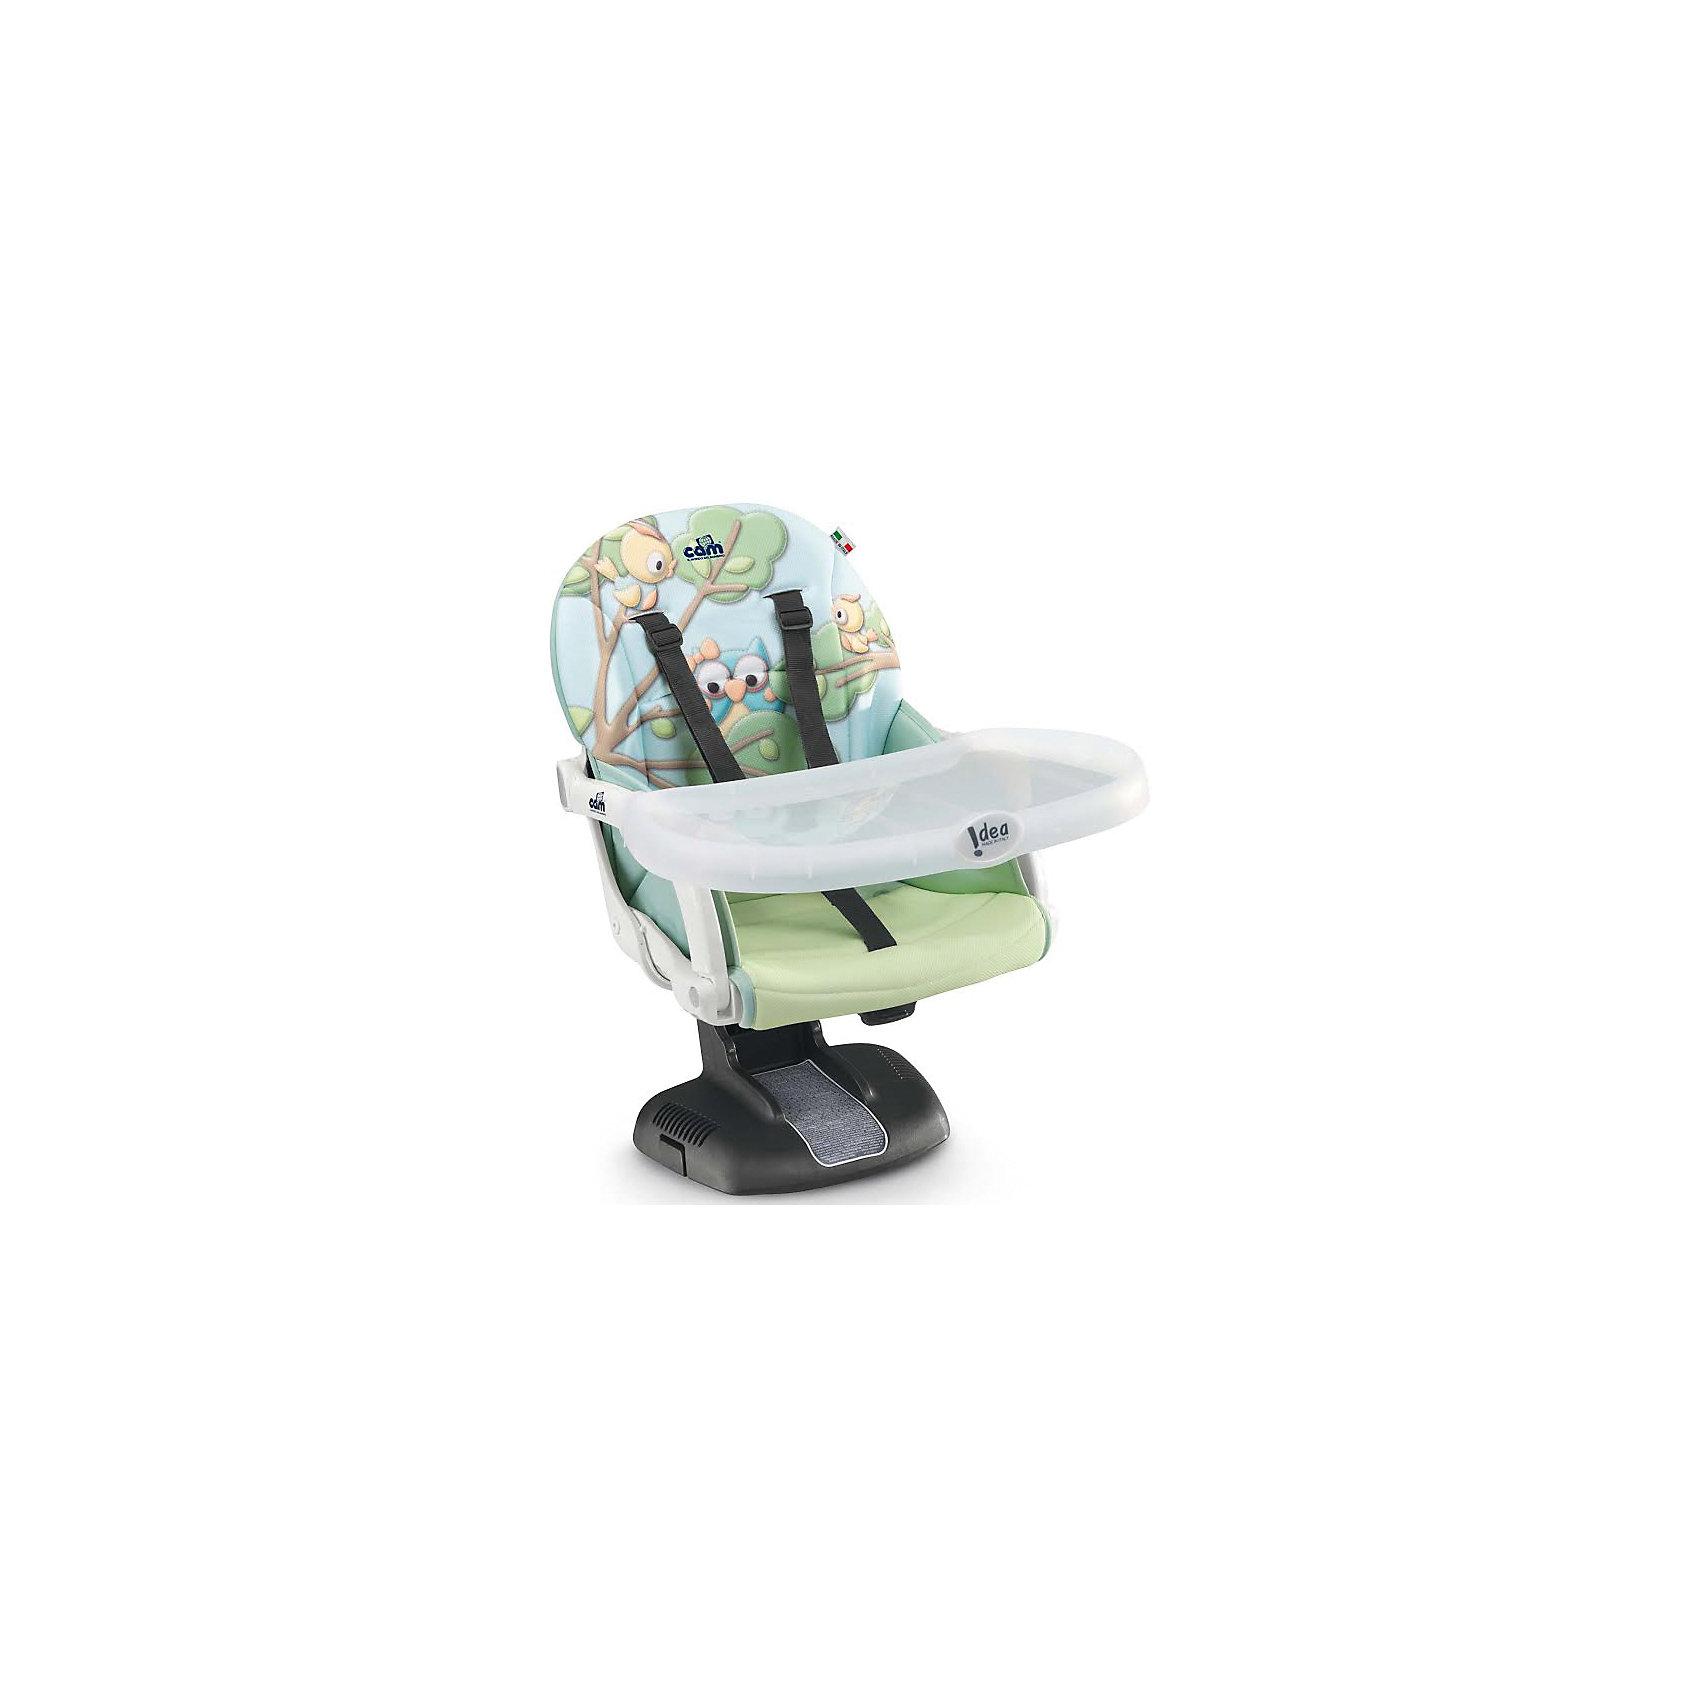 Стульчик для кормления Idea, CAM, совы.Стульчики для кормления<br>Стульчик для кормления Idea, CAM, совы – компактная модель для дома и дачи.<br>Тип стульчика – бустер. Он крепится к обычной мебели и может быть отрегулирован с помощью 7 уровней высоты сидения. Мягкое сидение и подлокотники делают сиденье комфортным для ребенка, а ремни безопасности защищают малыша от падения и не дают ему выбраться самостоятельно. <br><br> Дополнительная информация:<br>- размер: 52х36х40 см<br>- вес: 2,8<br><br><br>Стульчик для кормления Idea, CAM, совы можно купить в нашем интернет магазине.<br><br>Ширина мм: 995<br>Глубина мм: 369<br>Высота мм: 504<br>Вес г: 3750<br>Возраст от месяцев: 6<br>Возраст до месяцев: 36<br>Пол: Унисекс<br>Возраст: Детский<br>SKU: 5111807